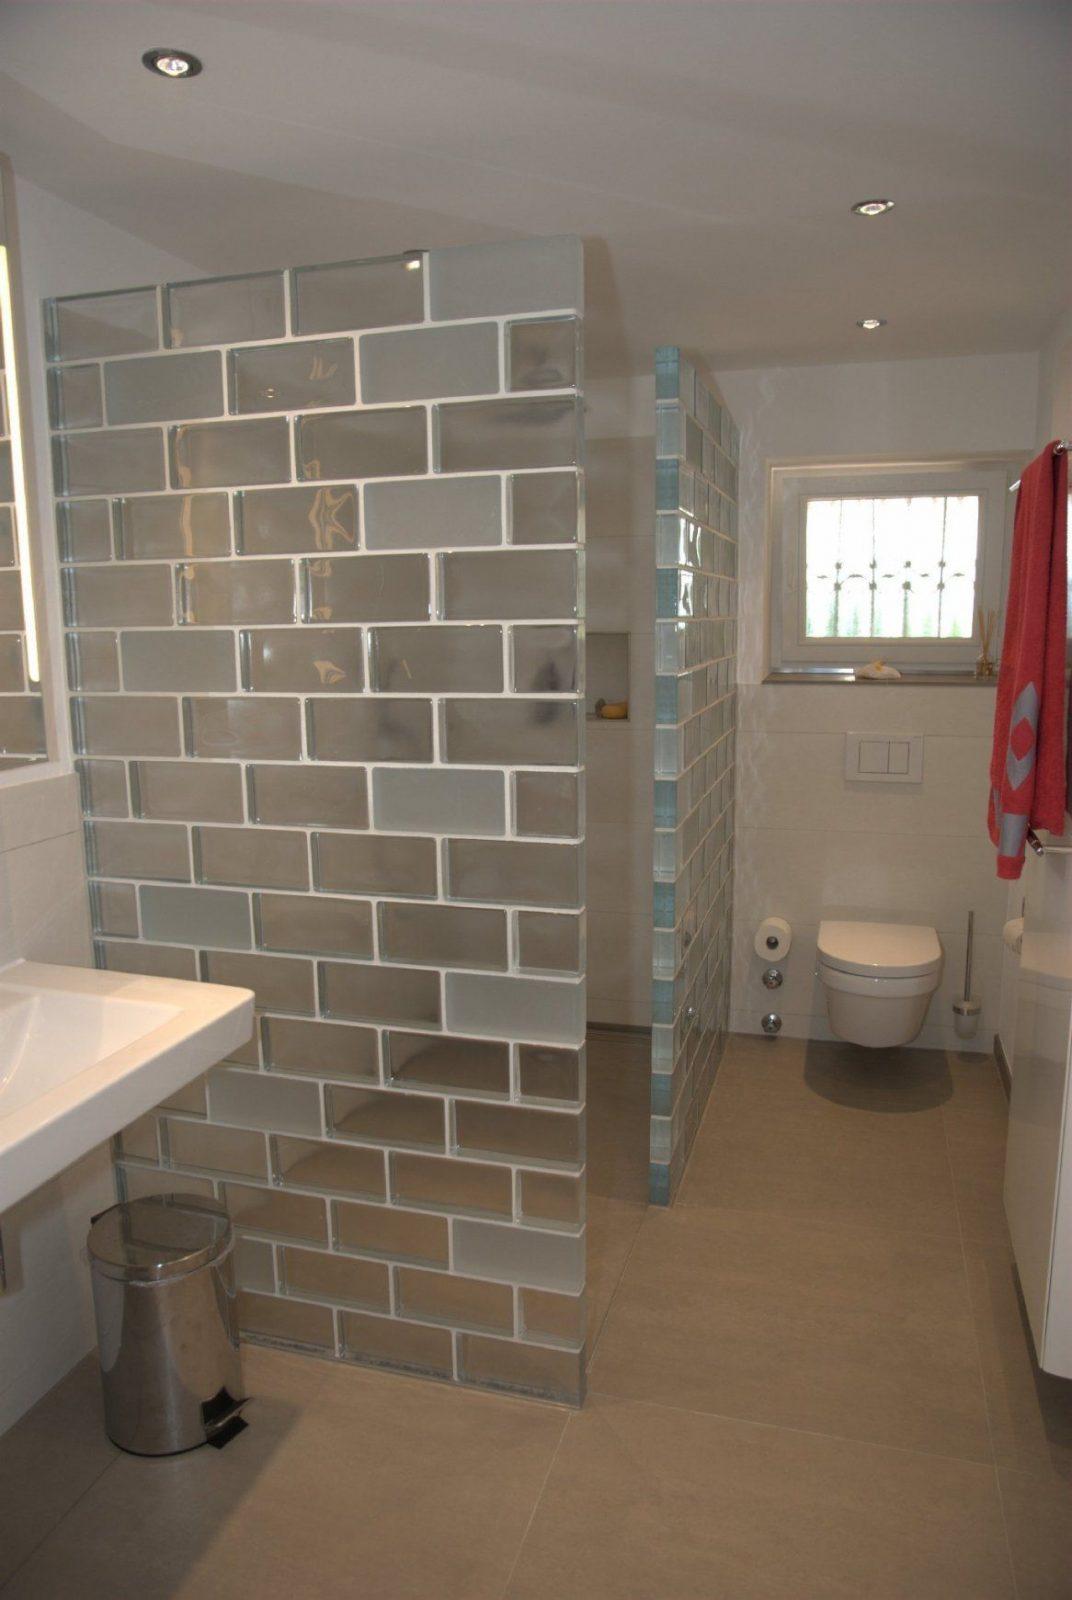 Luxus Glasbausteine Badezimmer Licht Statt Dicht 11 Projekte Mit Von von Dusche Selber Bauen Glasbausteine Photo